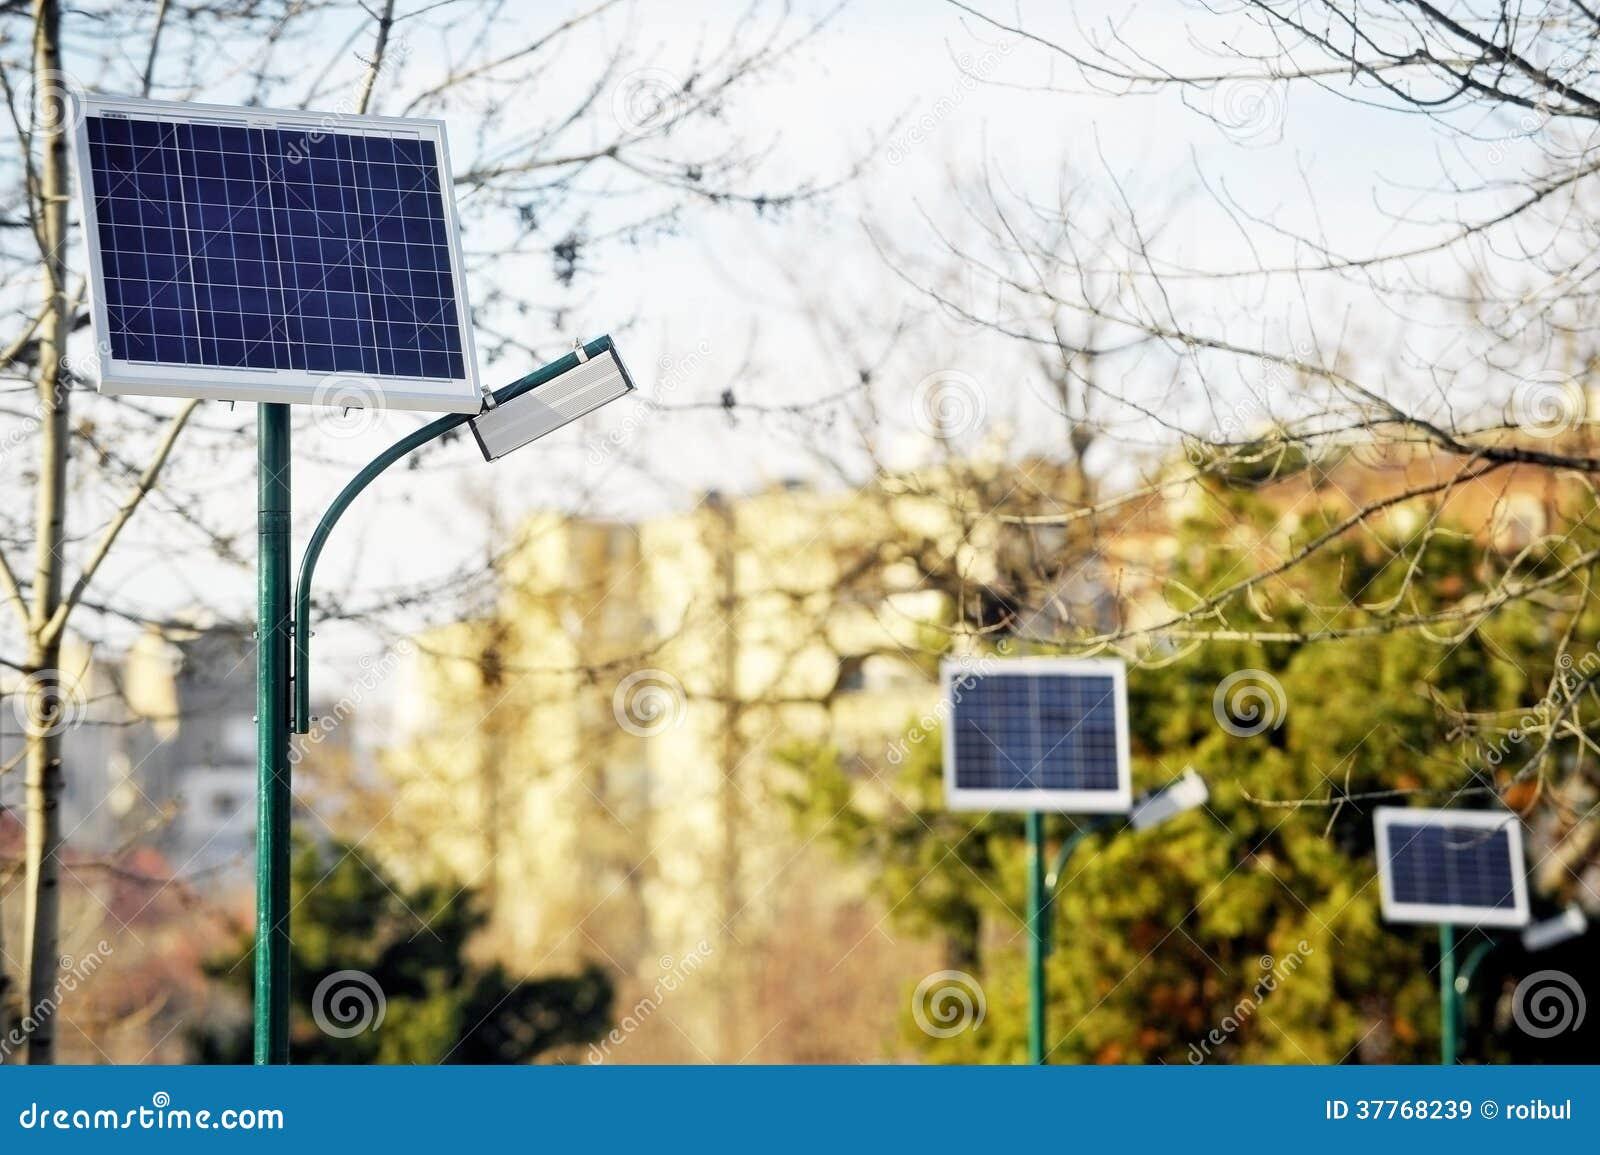 Illuminazione pubblica fotovoltaica in un parco immagine stock